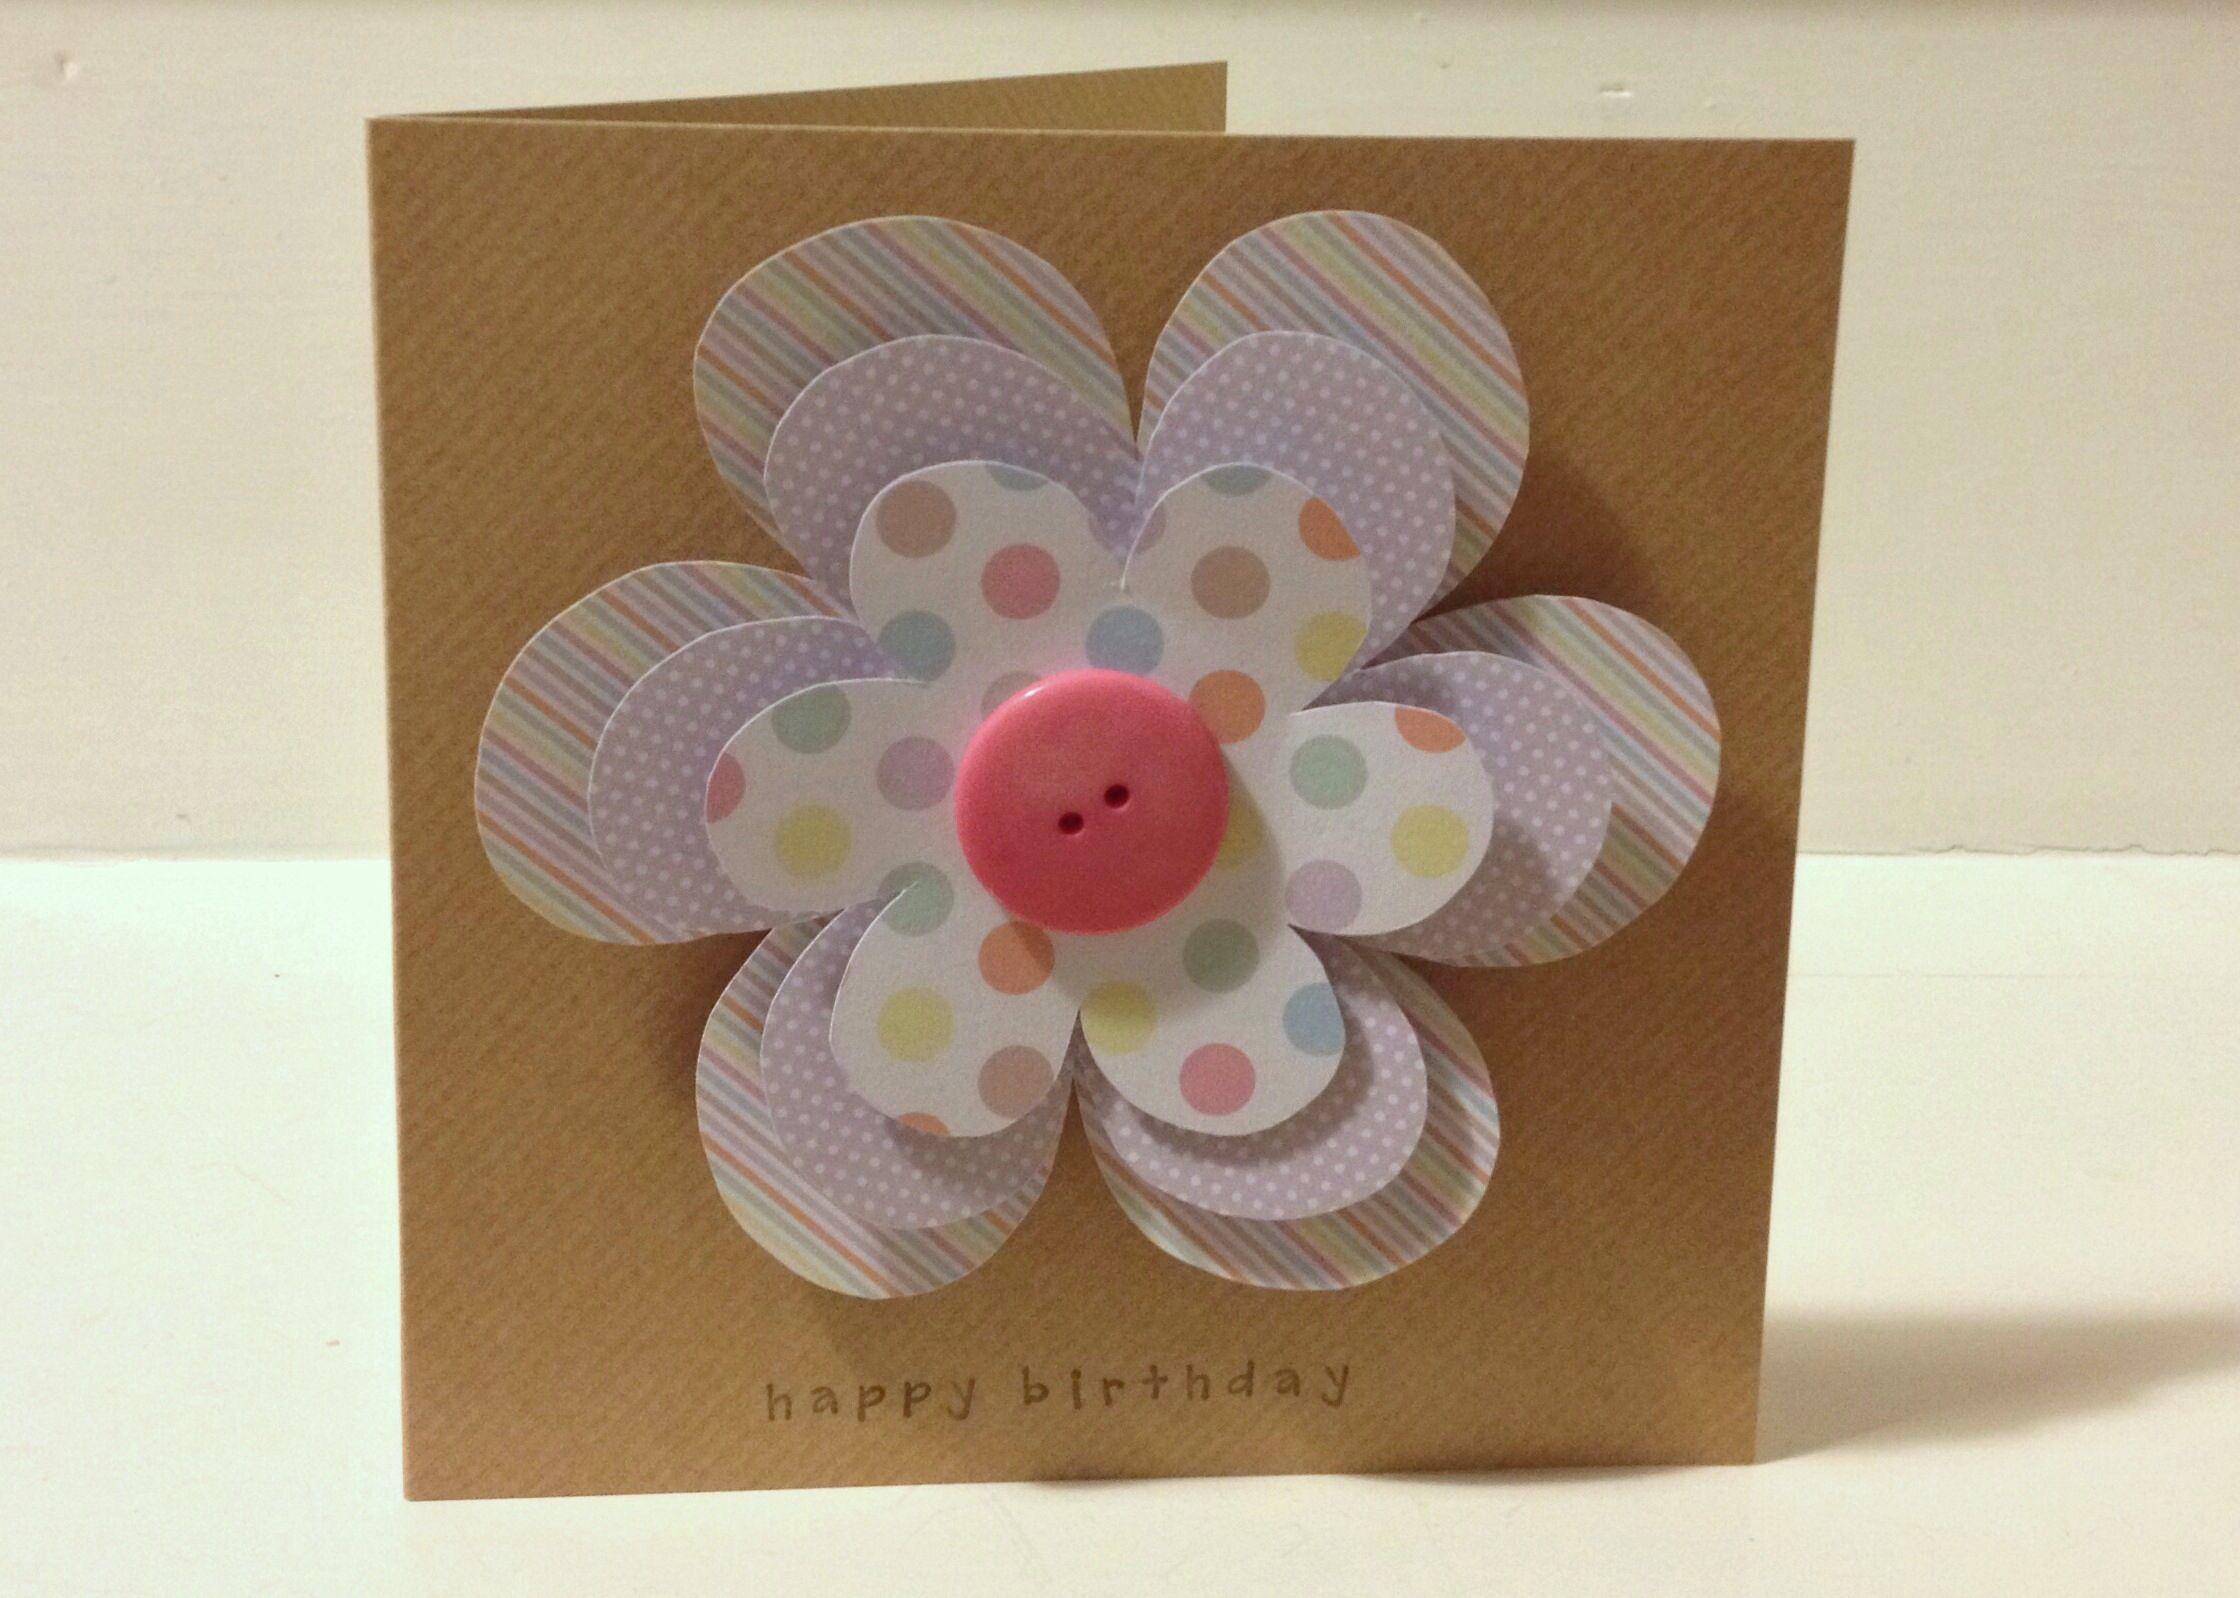 Handmade flower power birthday card 6x6 card with big hand cut handmade flower power birthday card 6x6 card with big hand cut flowers a izmirmasajfo Choice Image